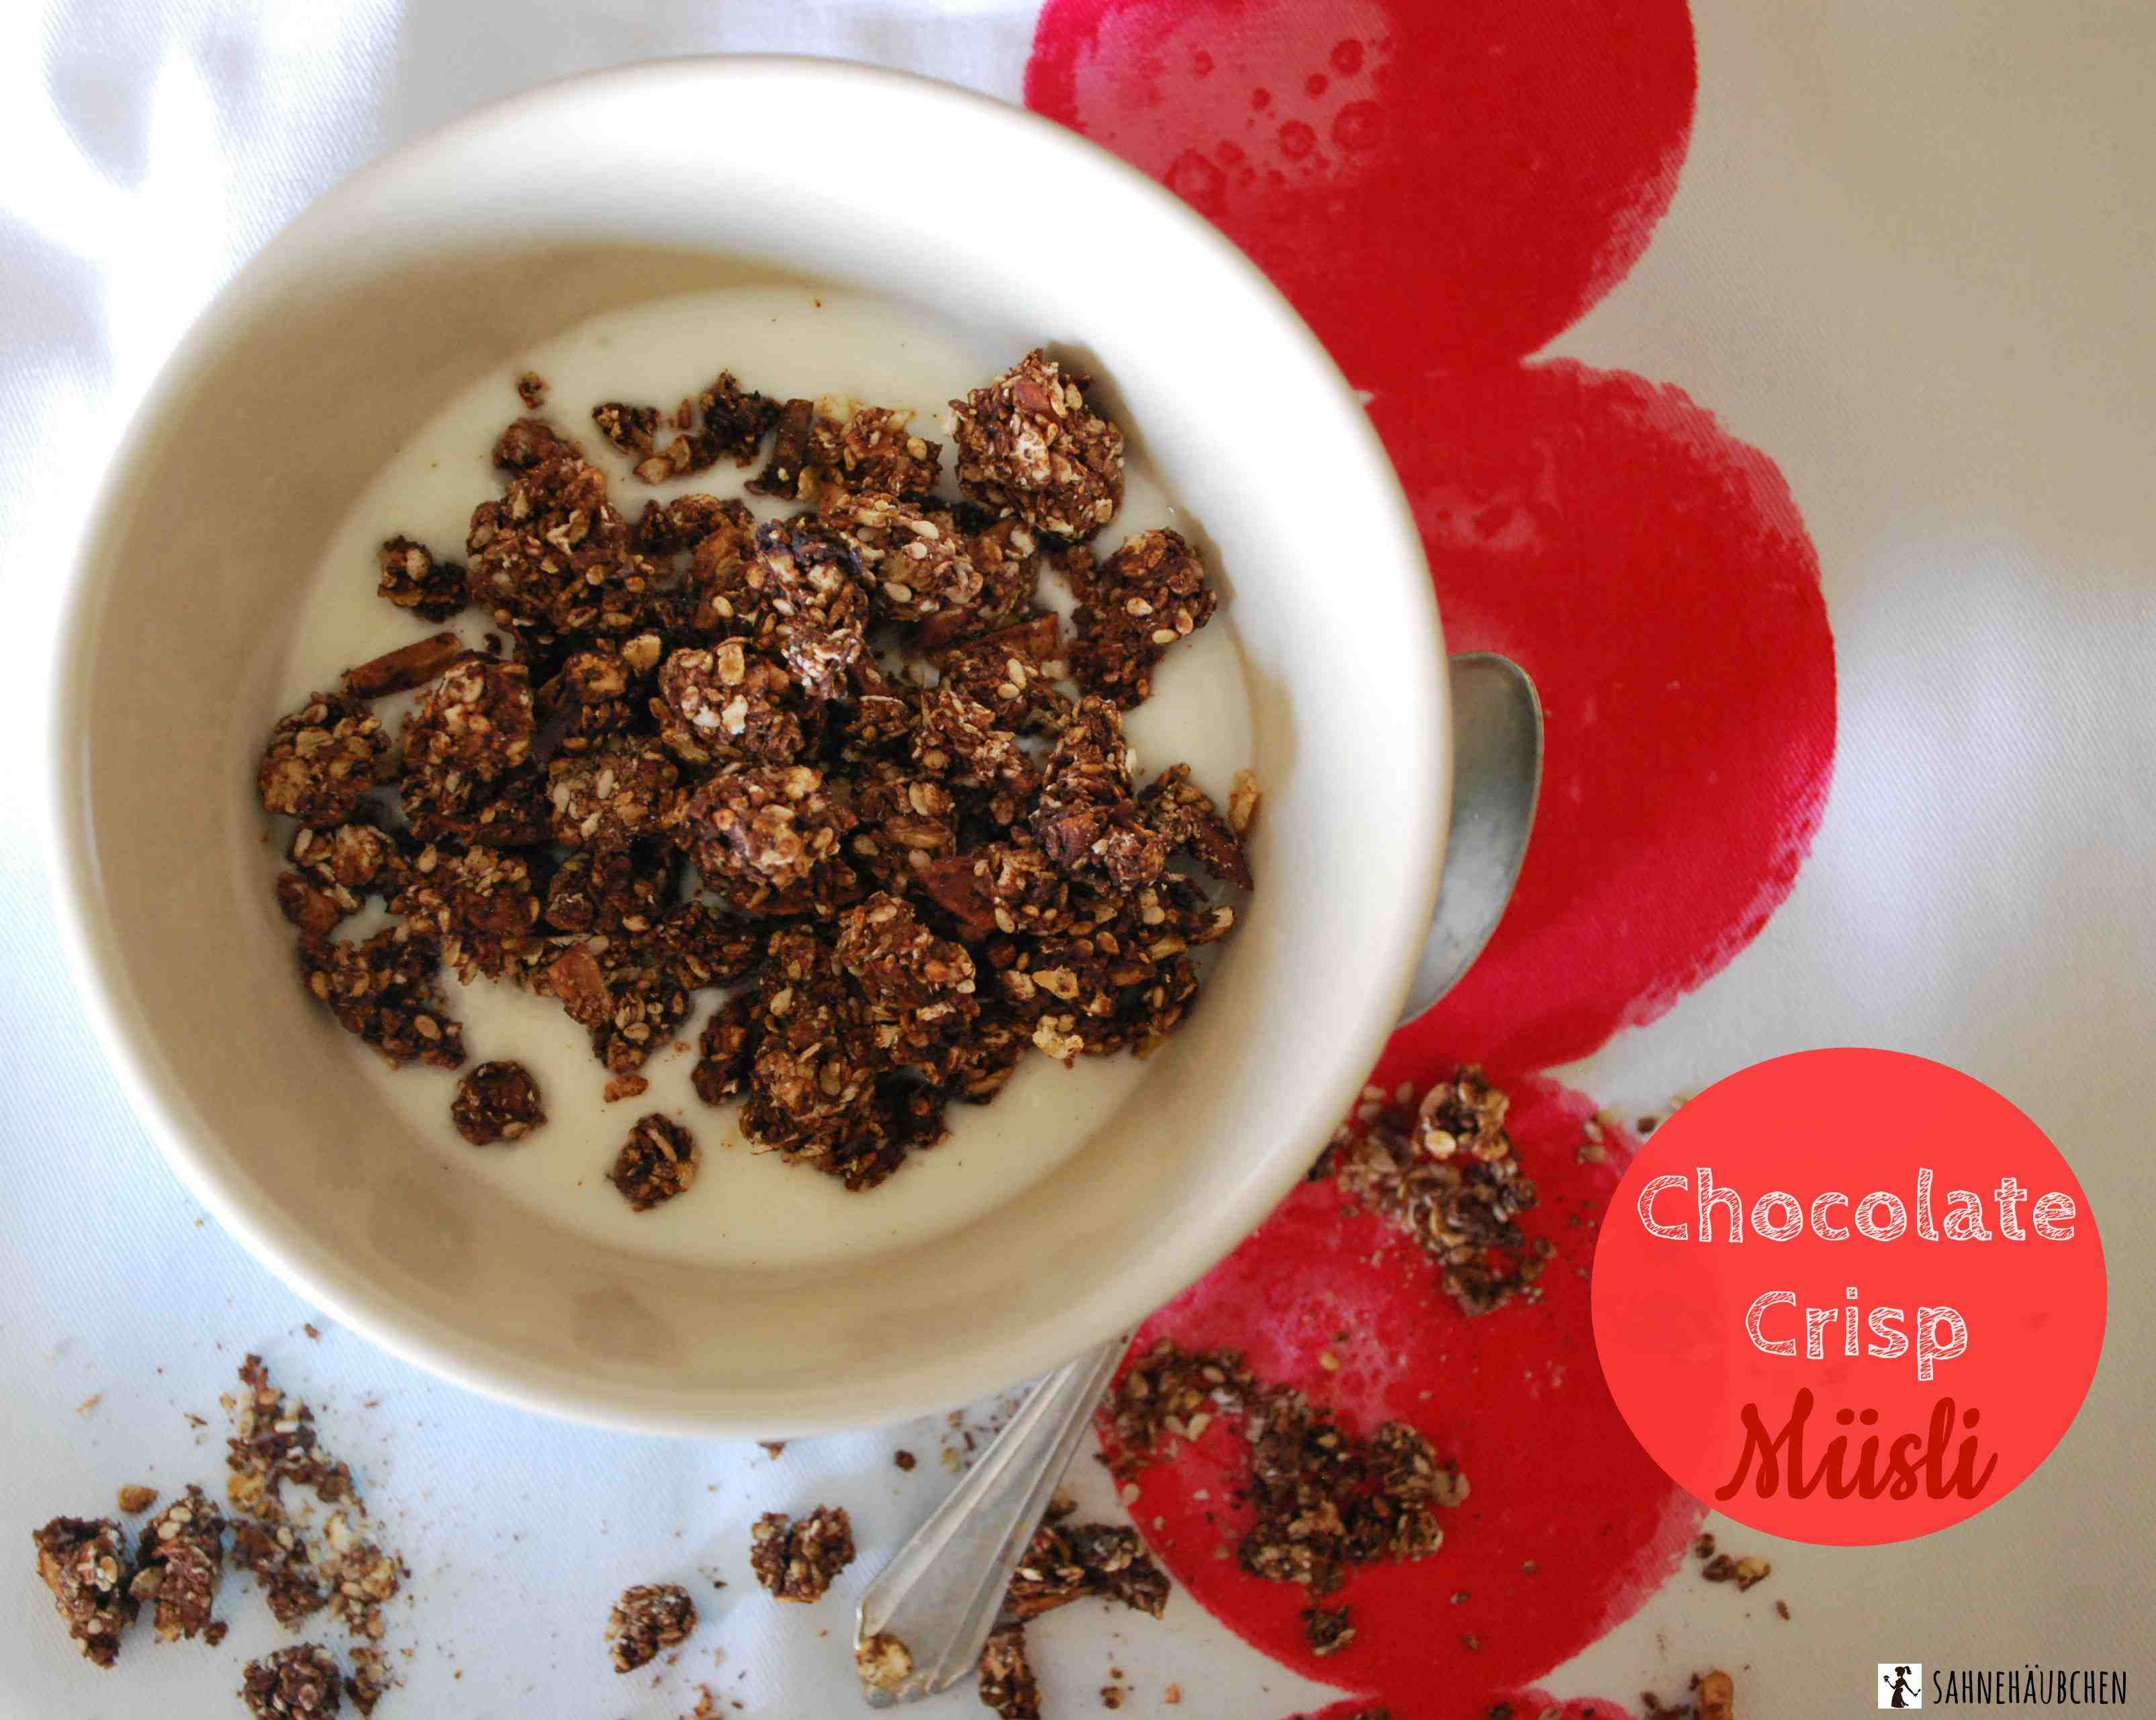 zwergalarm-zwergen-schmaus-chocolate-crisp-muesli